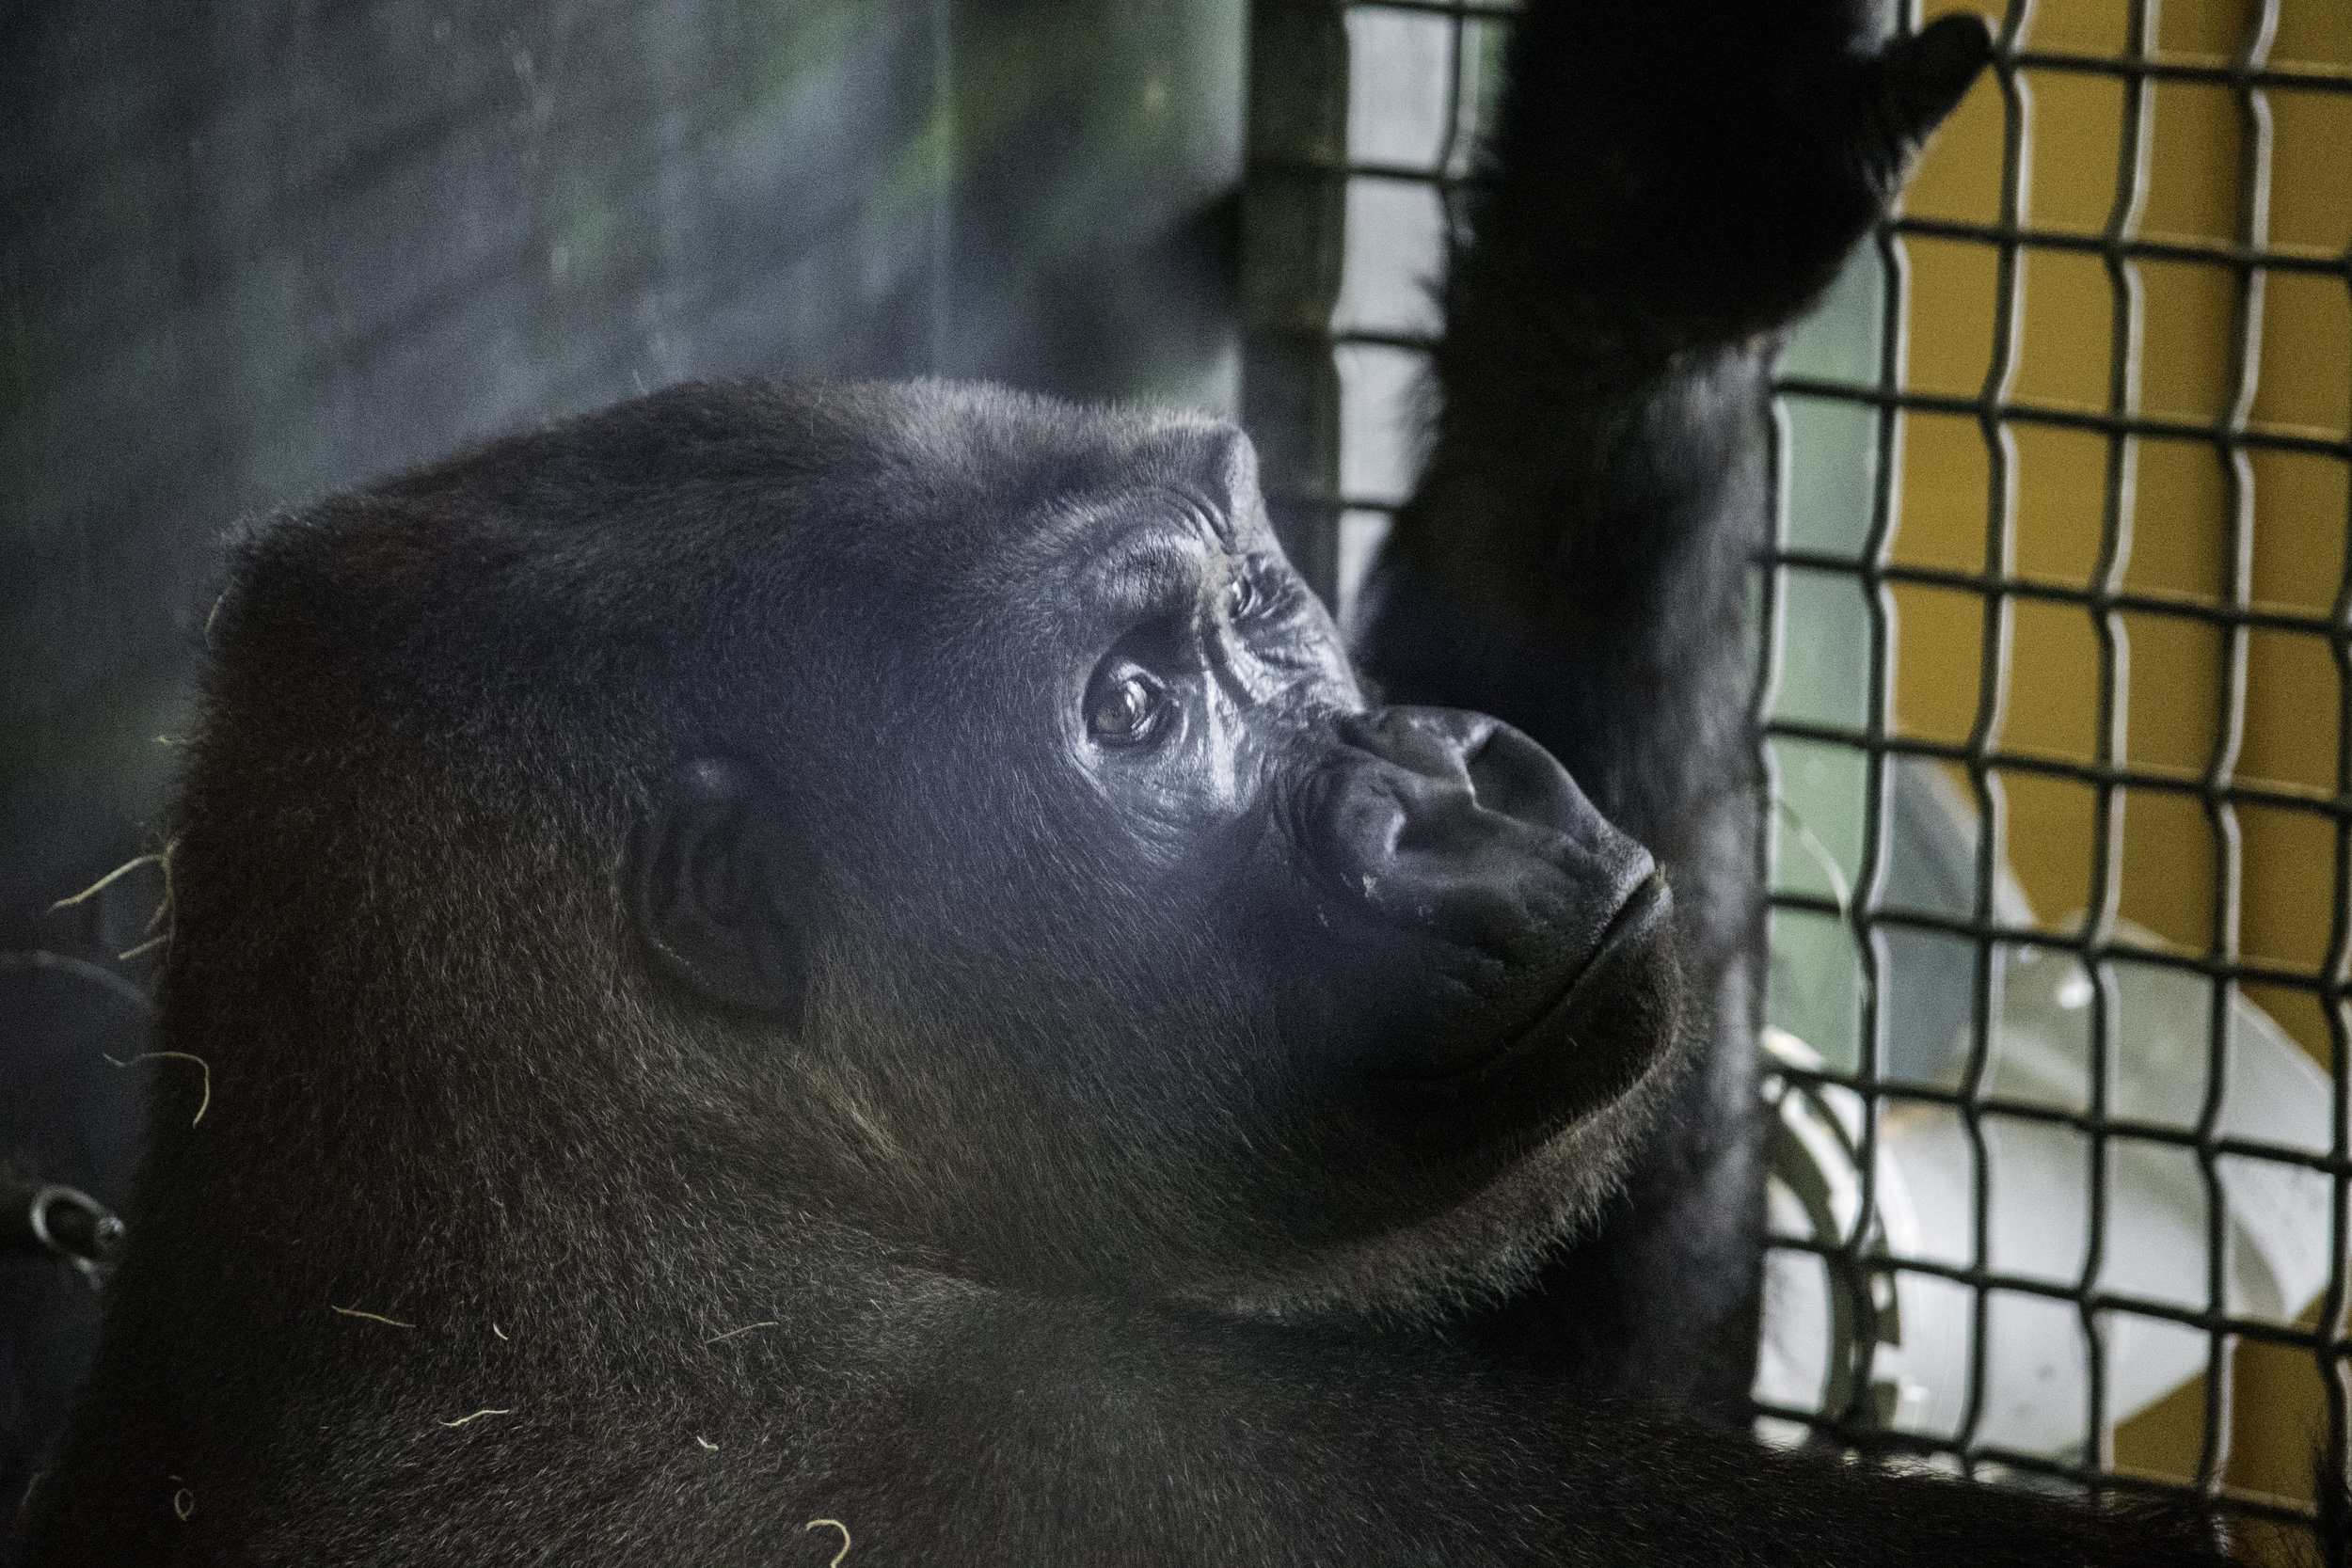 gorilla 2 under 20.jpg